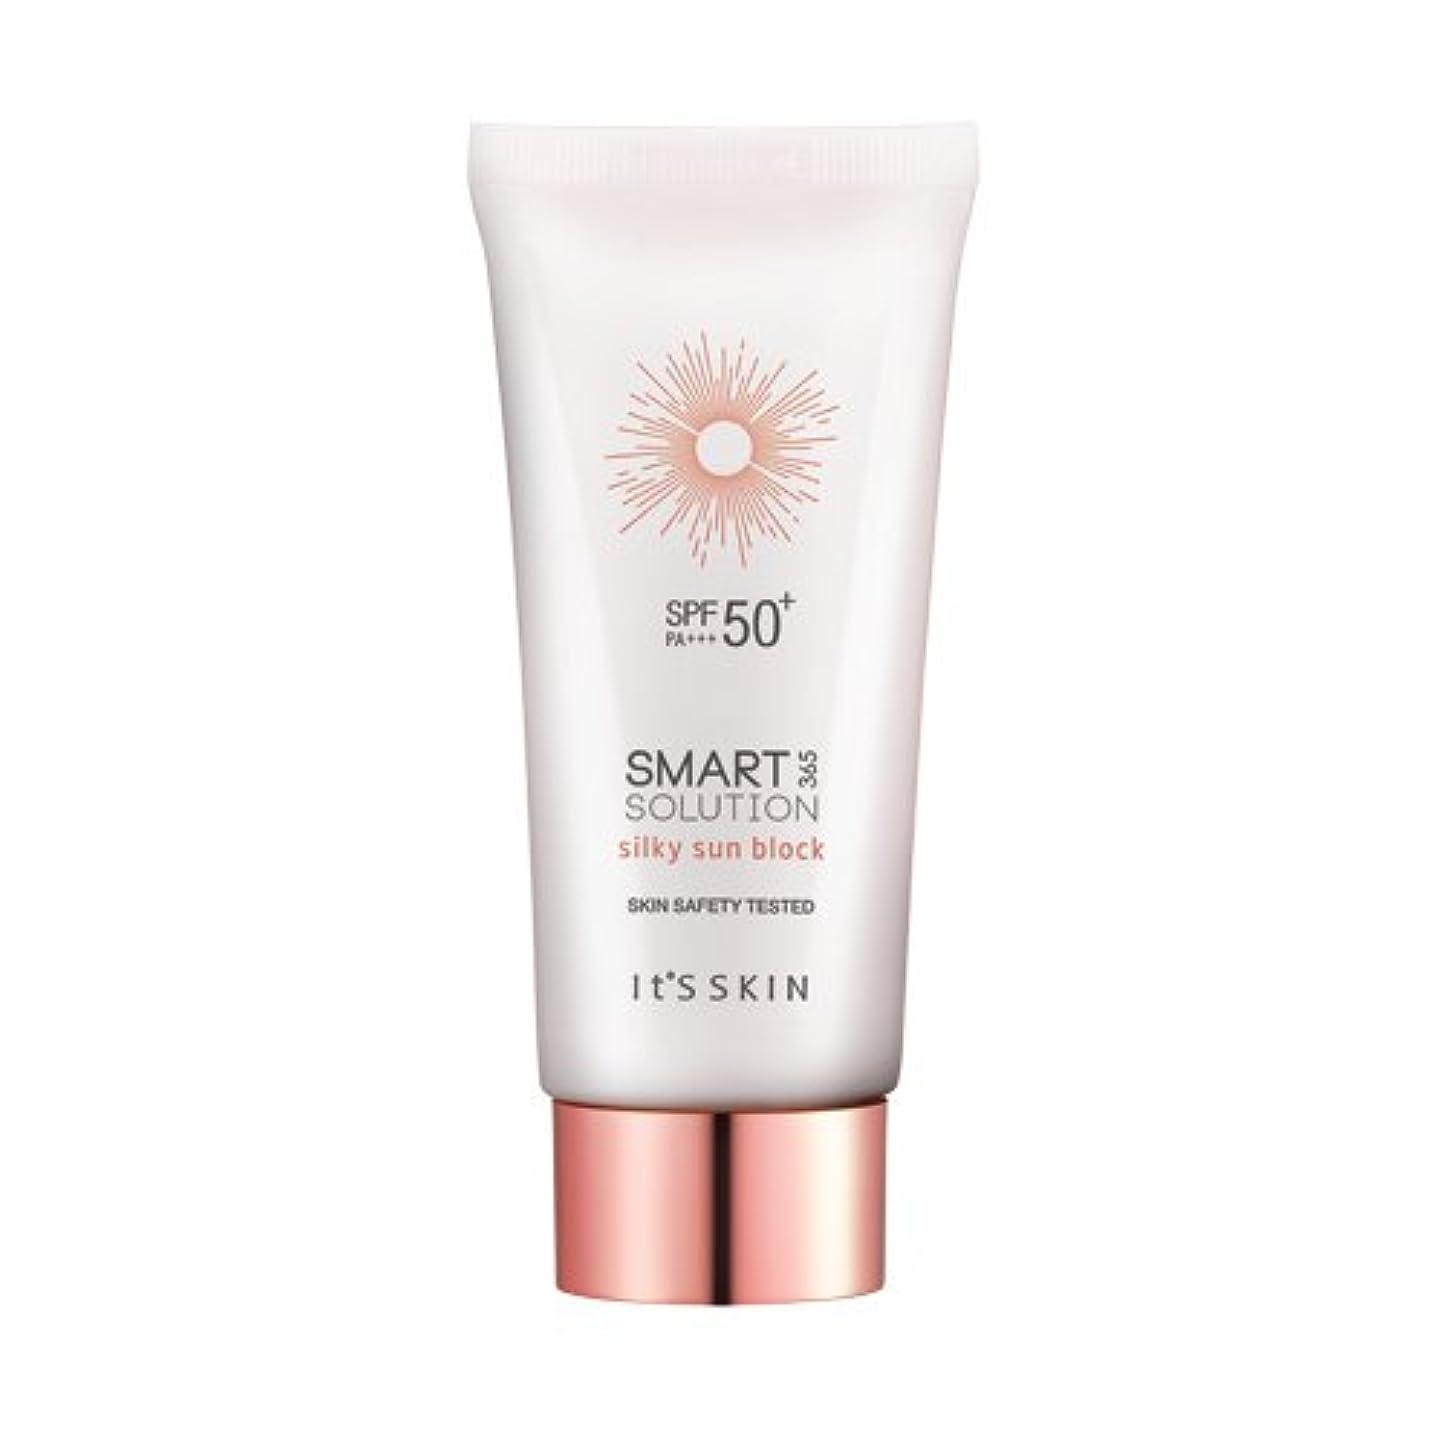 年齢ラッシュ中国[イッツスキン/Its skin]スマートソリューション 365シルキーサンブロック (SPF50+ PA+++) (Smart solution 365 silky sun block)